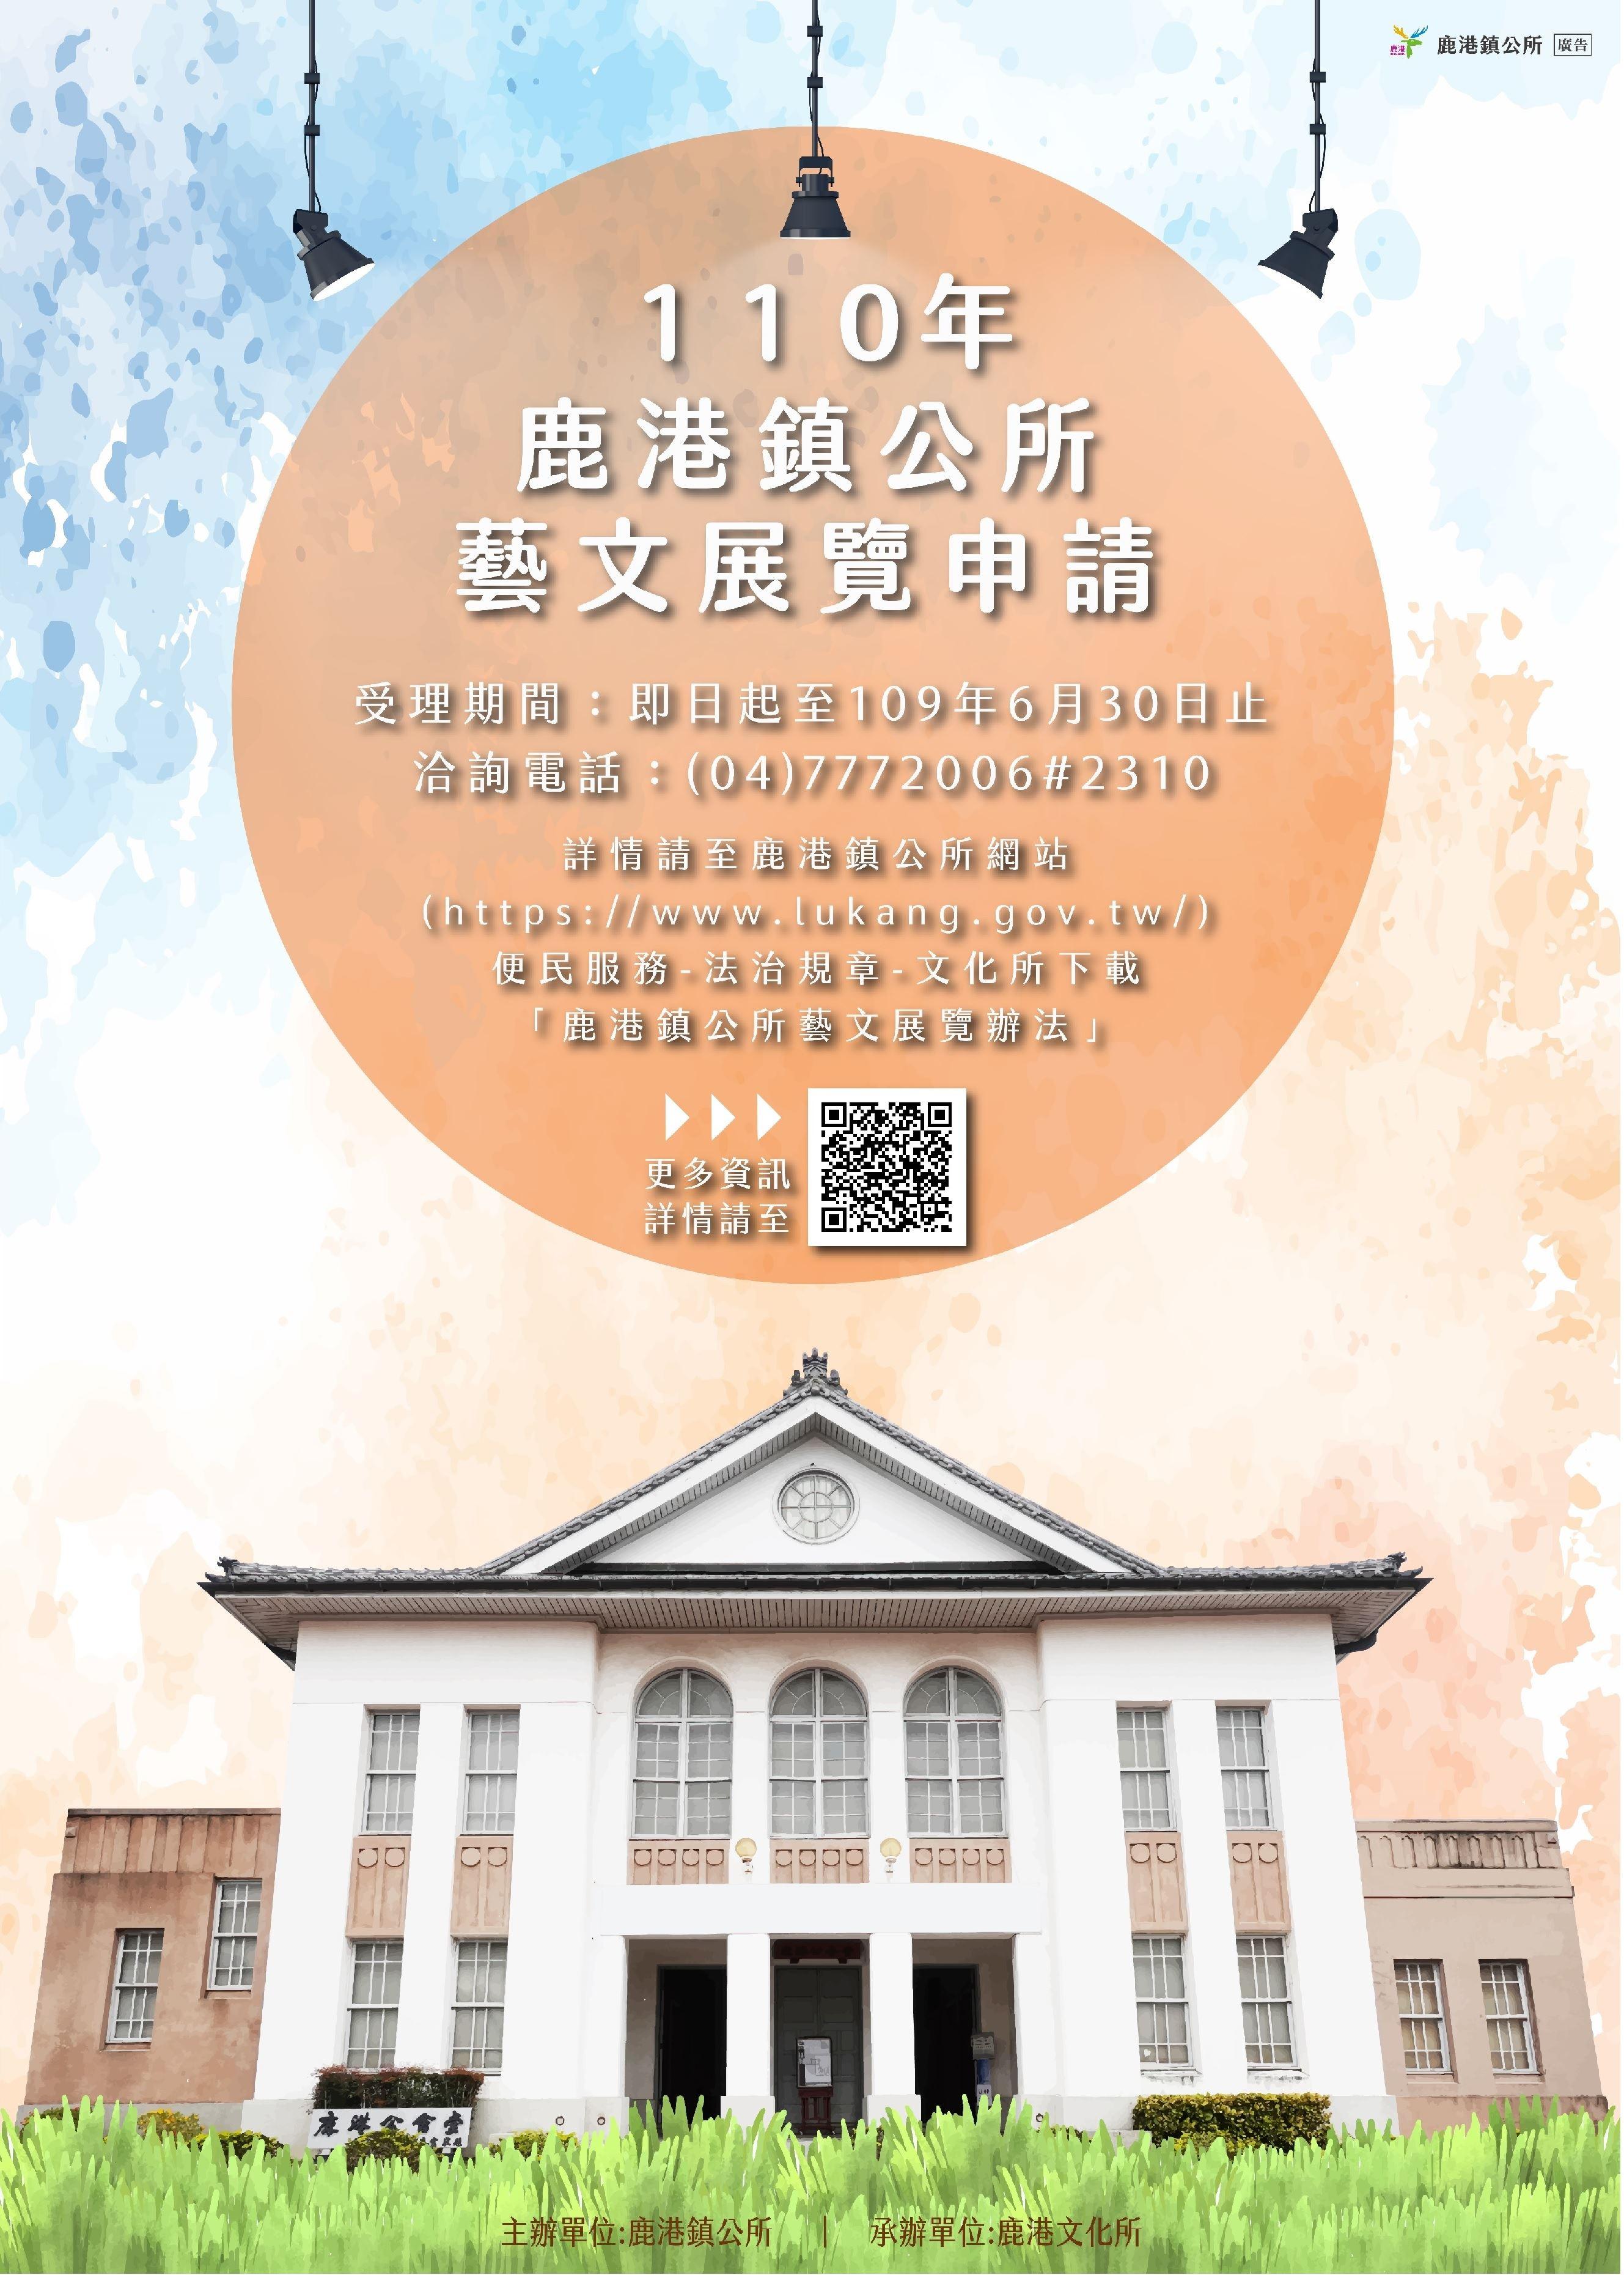 鹿港鎮公所即日起至109年6月30日止受理「110年藝文展覽申請」